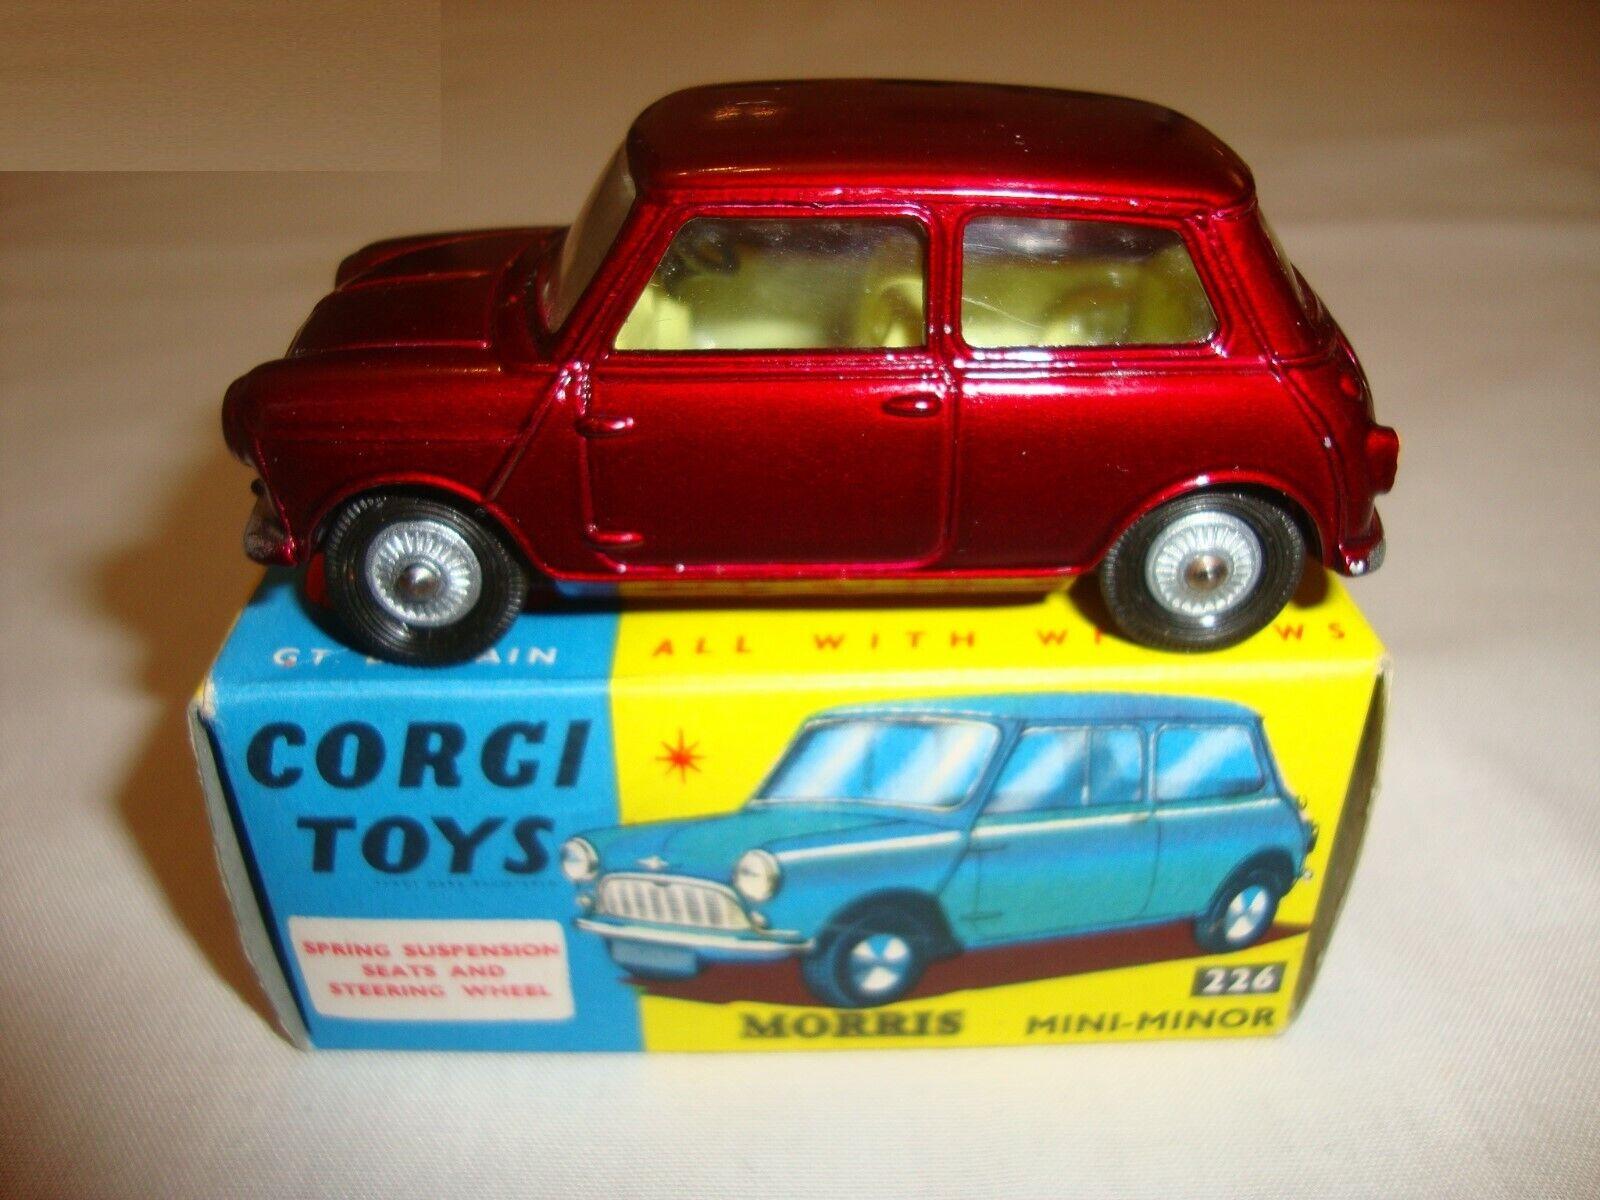 Corgi 226 morris mini minor-excellent dans boîte  d'origine  approvisionnement direct des fabricants